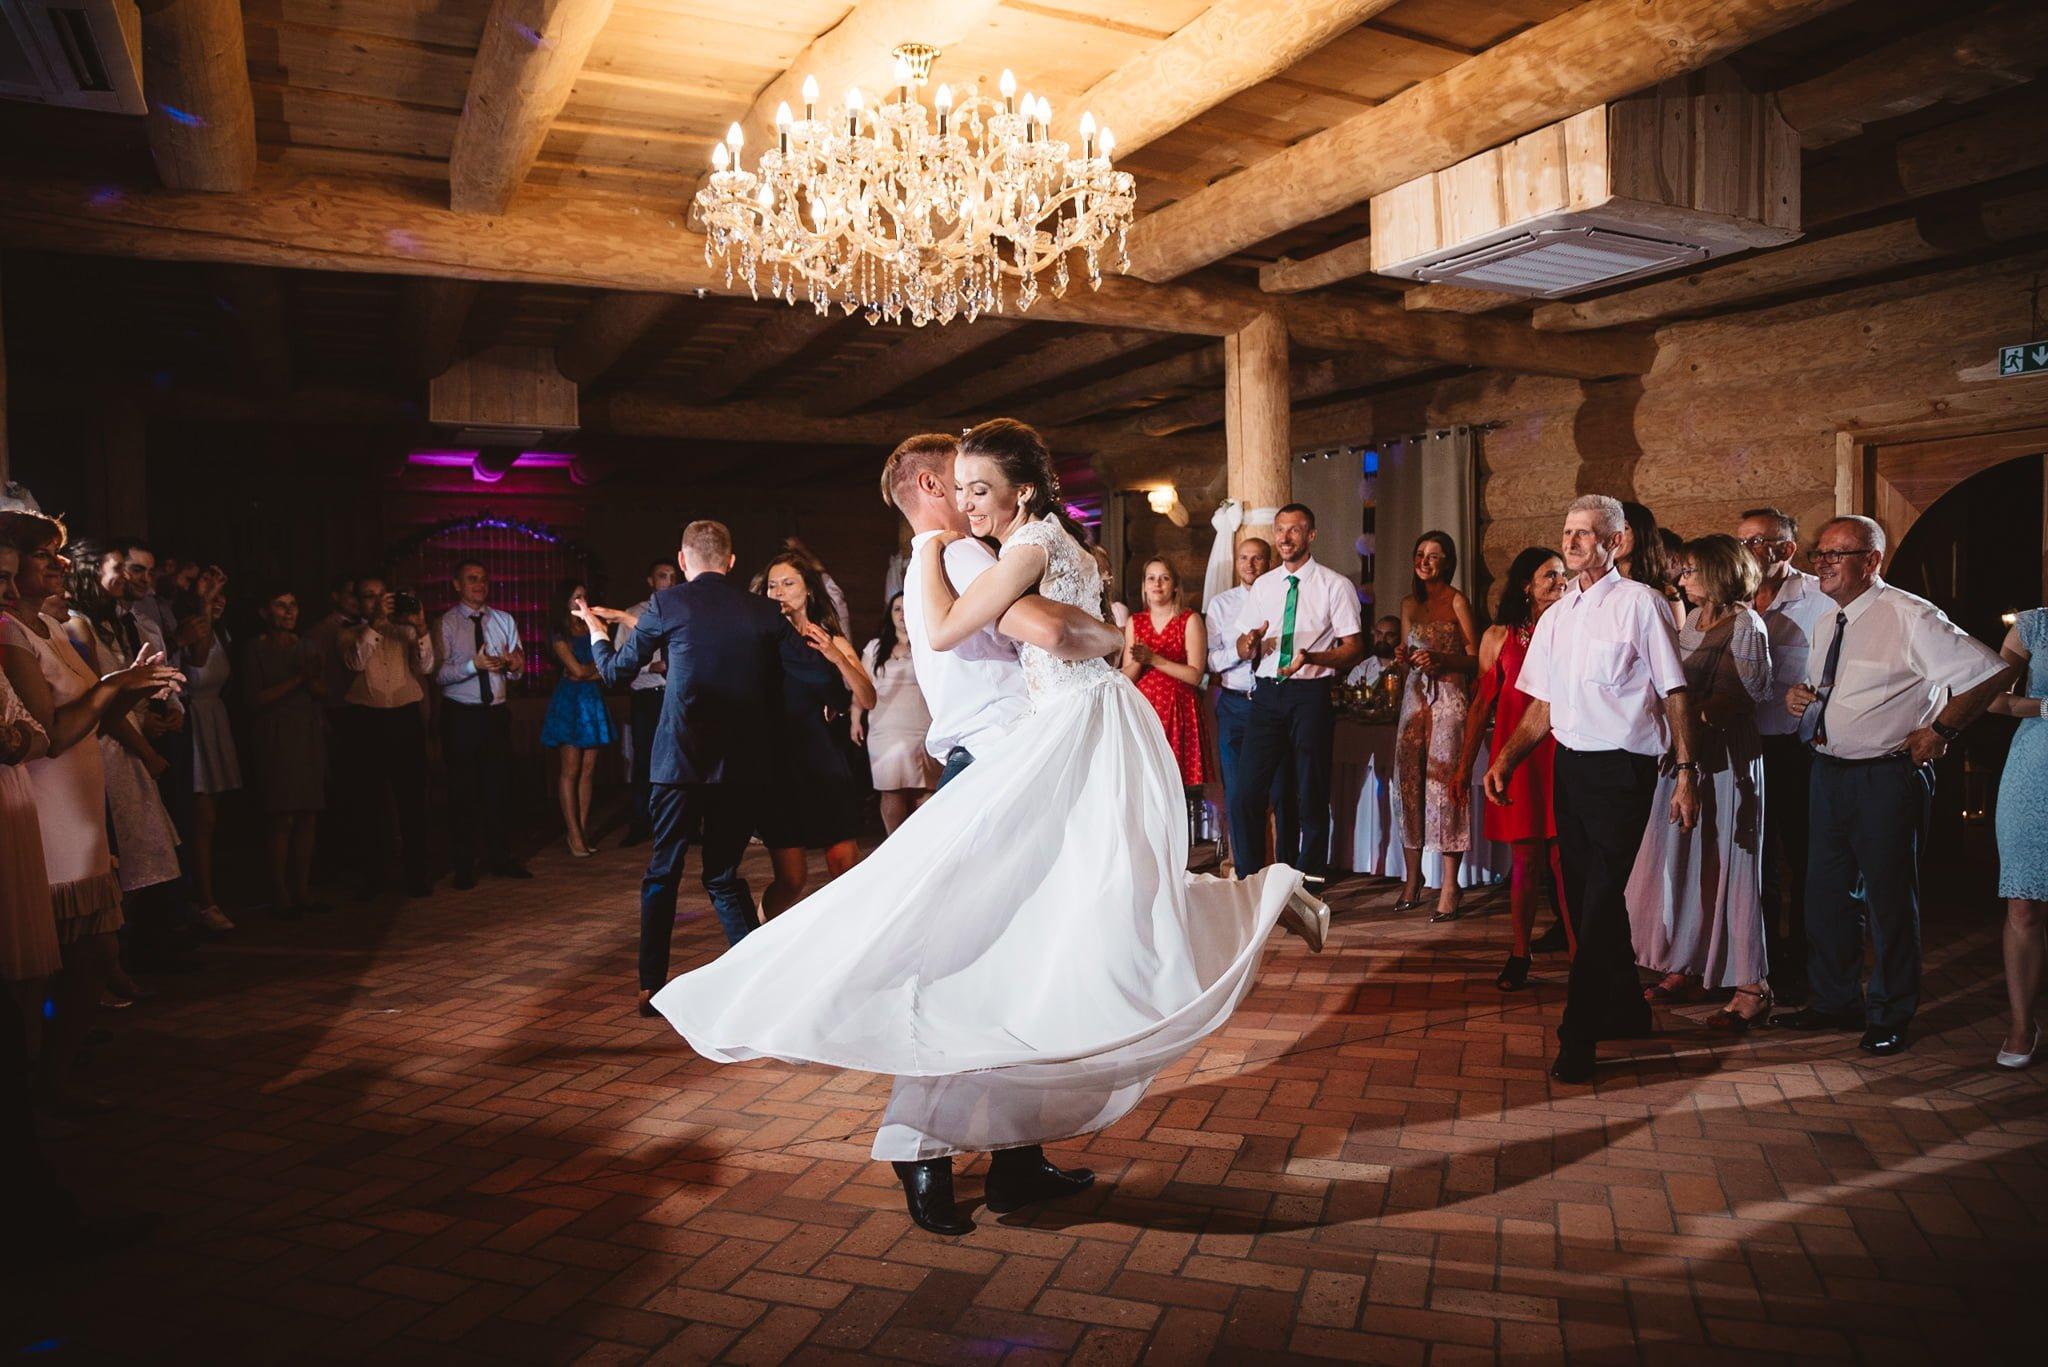 Ala i Arek, czyli jak zorganizować ślub i wesele w 4 tygodnie! 290